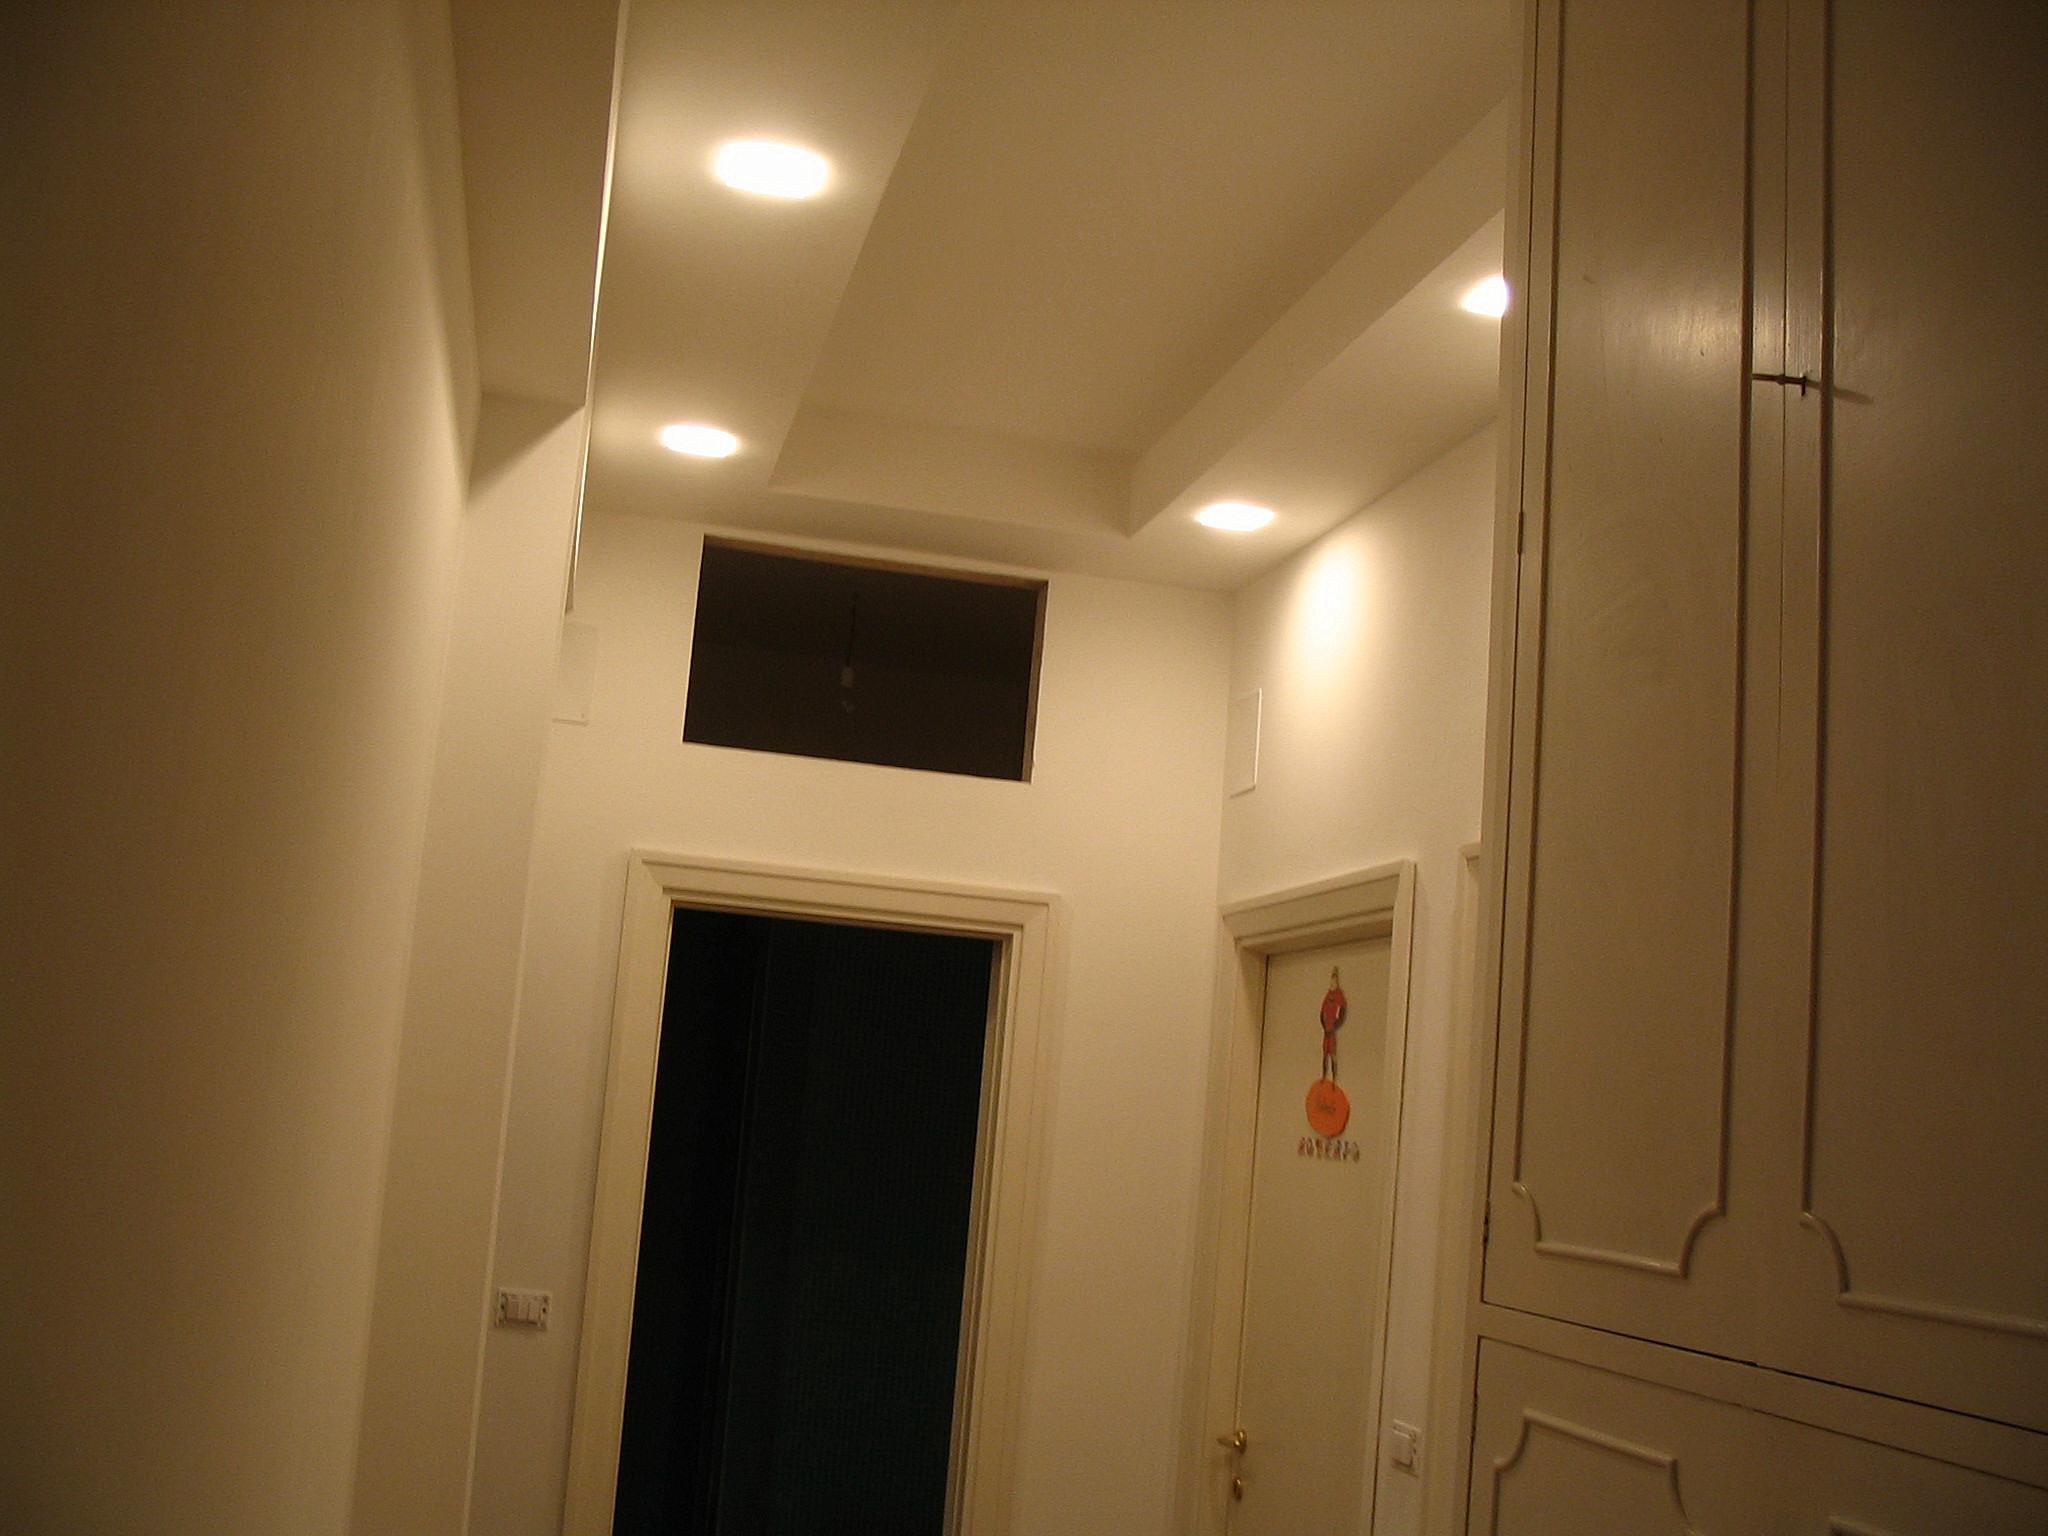 Image: Corridoio con faretti incassati